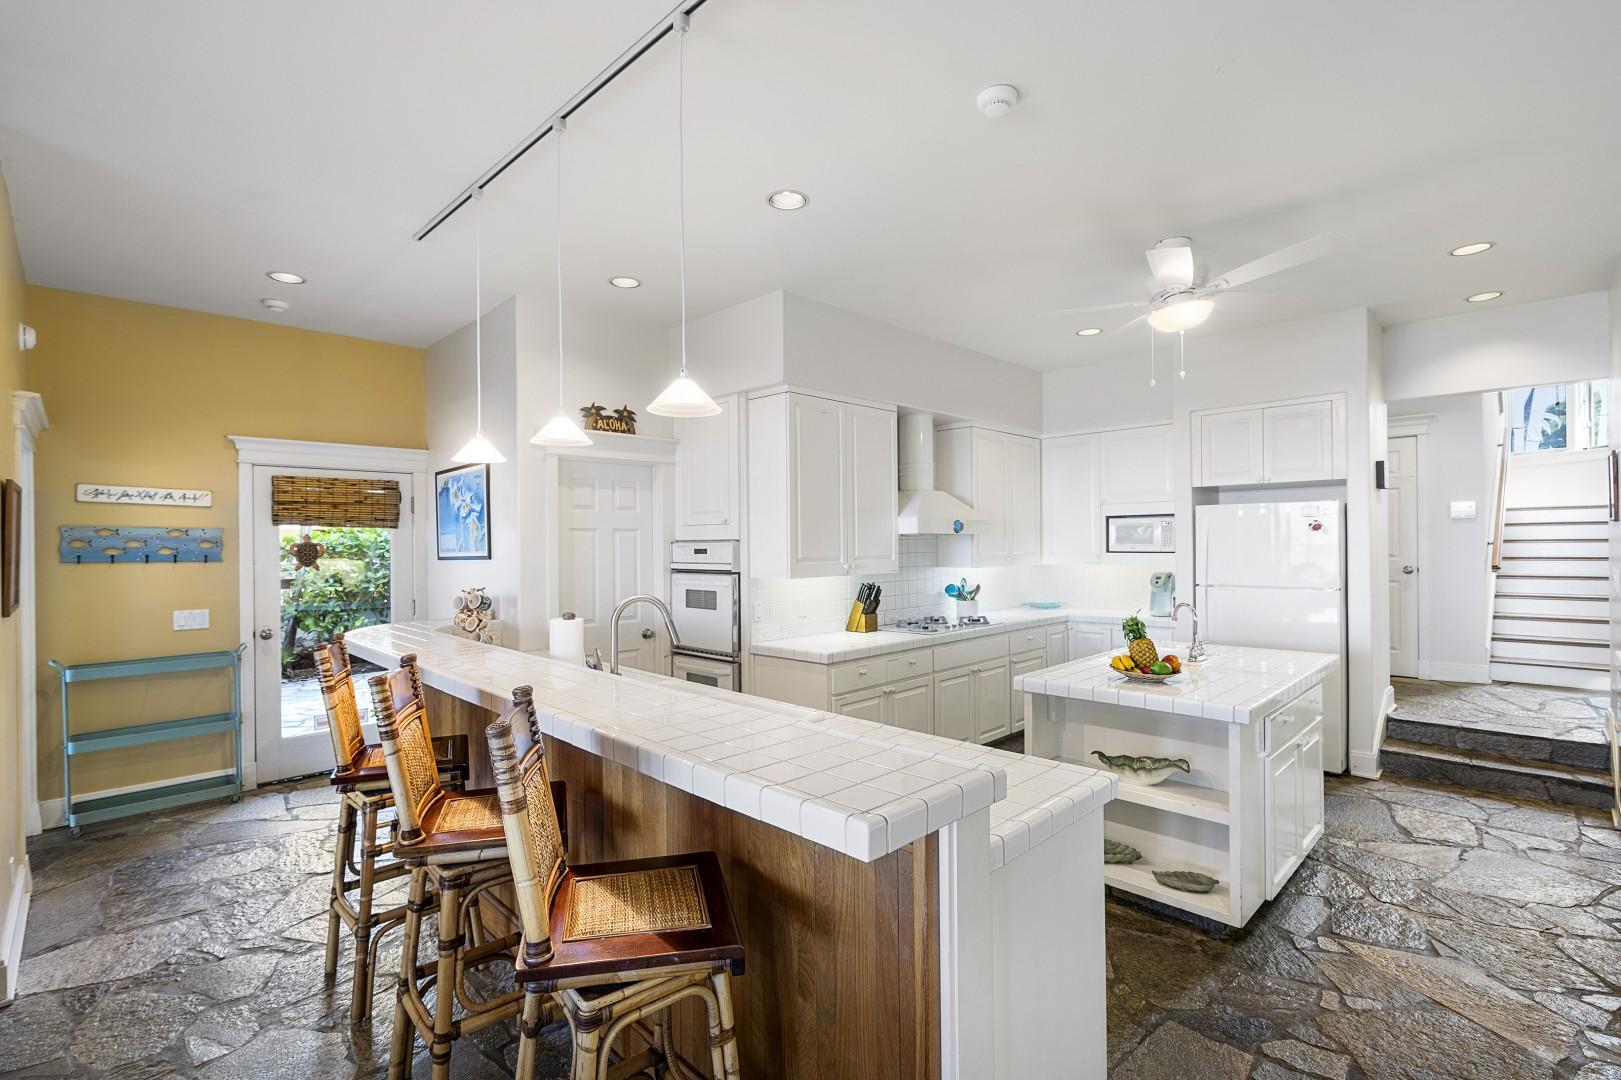 Breakfast bar & massive kitchen!